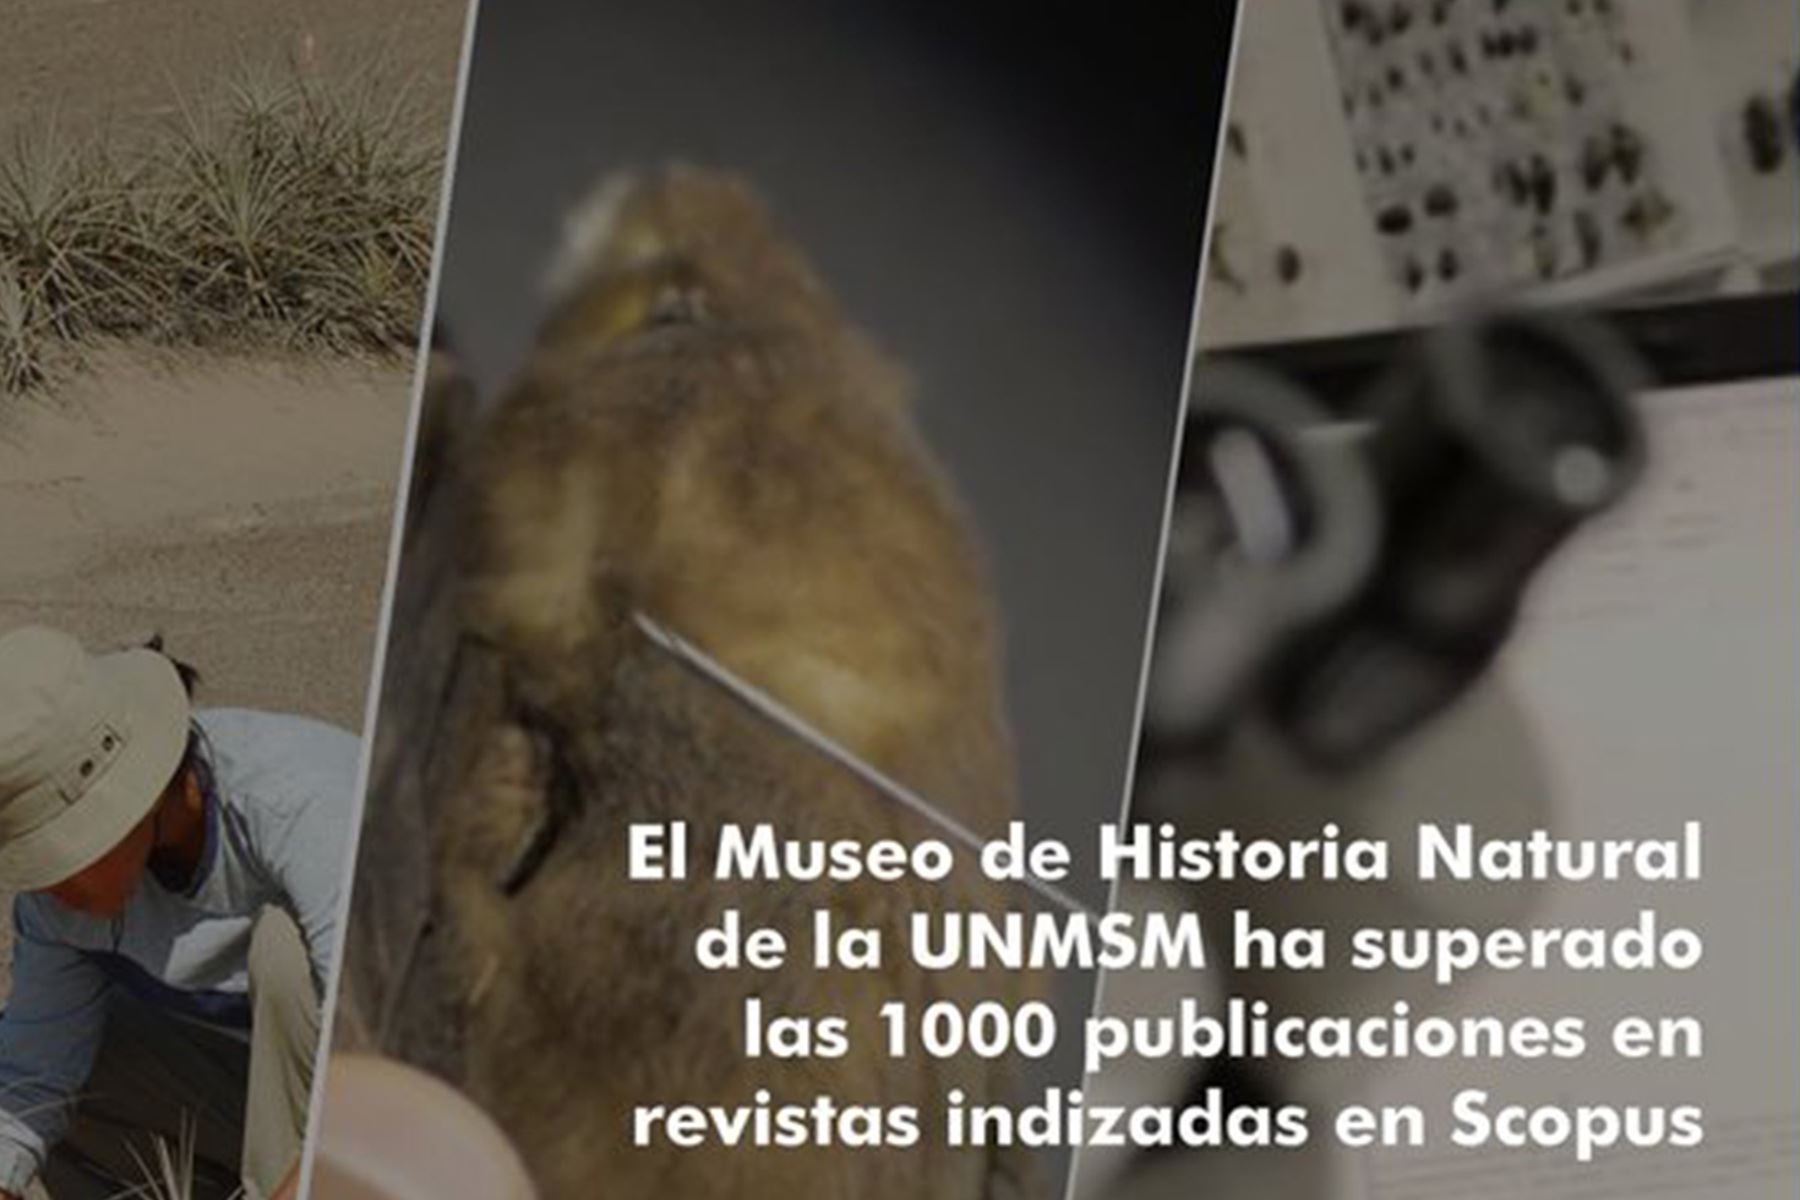 Un total de 1068 publicaciones científicas provienen del Museo de Historia Natural que representan el 18.2% del total de la universidad.